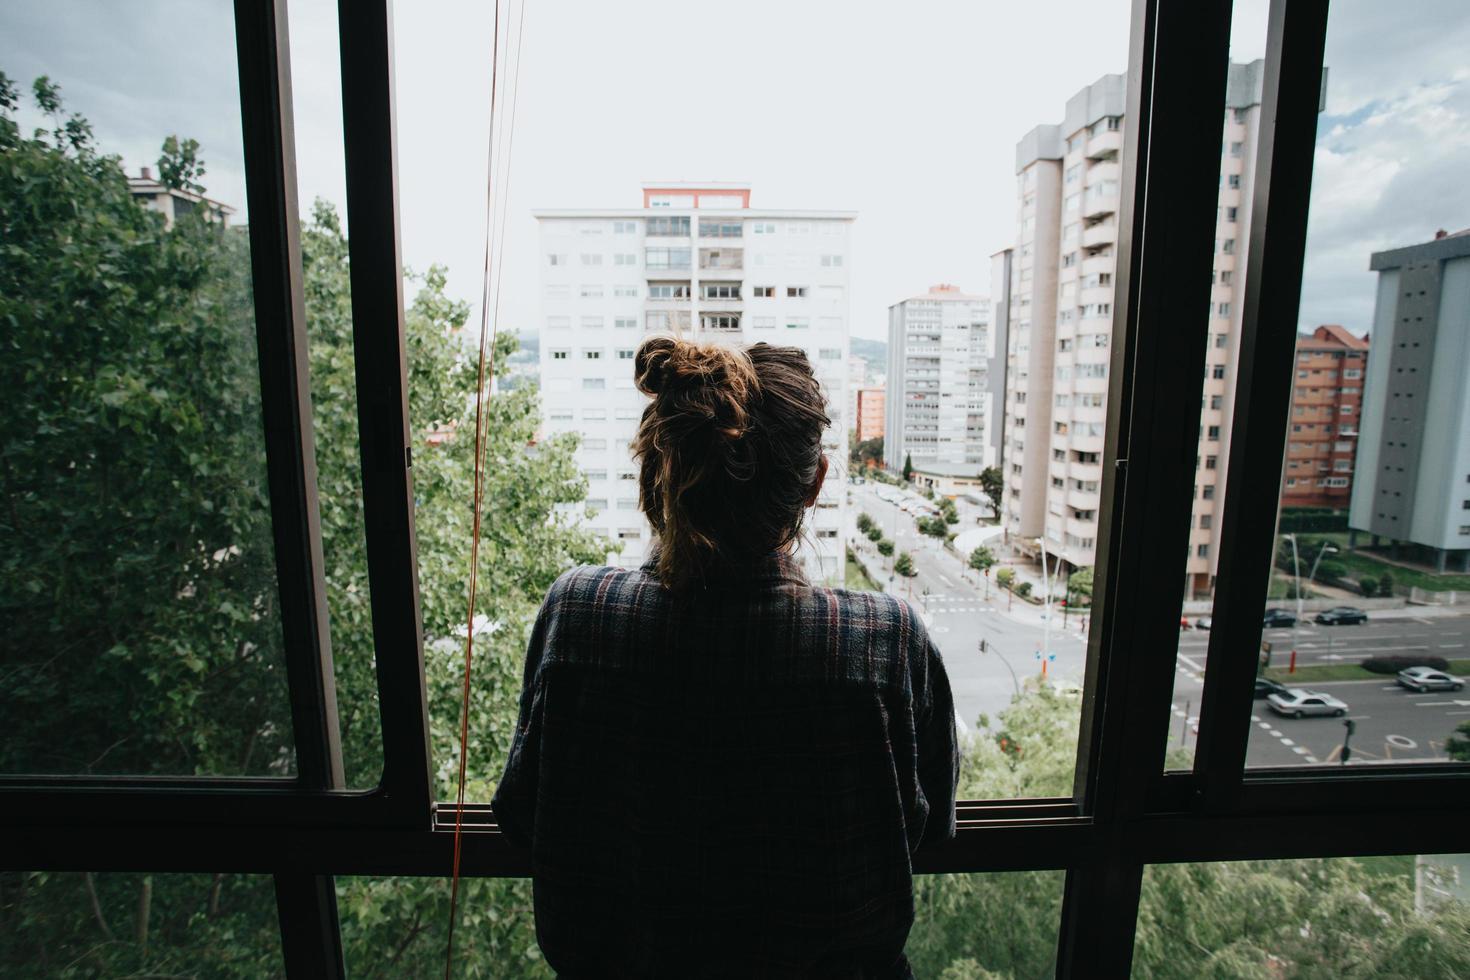 Femme inquiète à la fenêtre de la ville pendant une journée de printemps photo